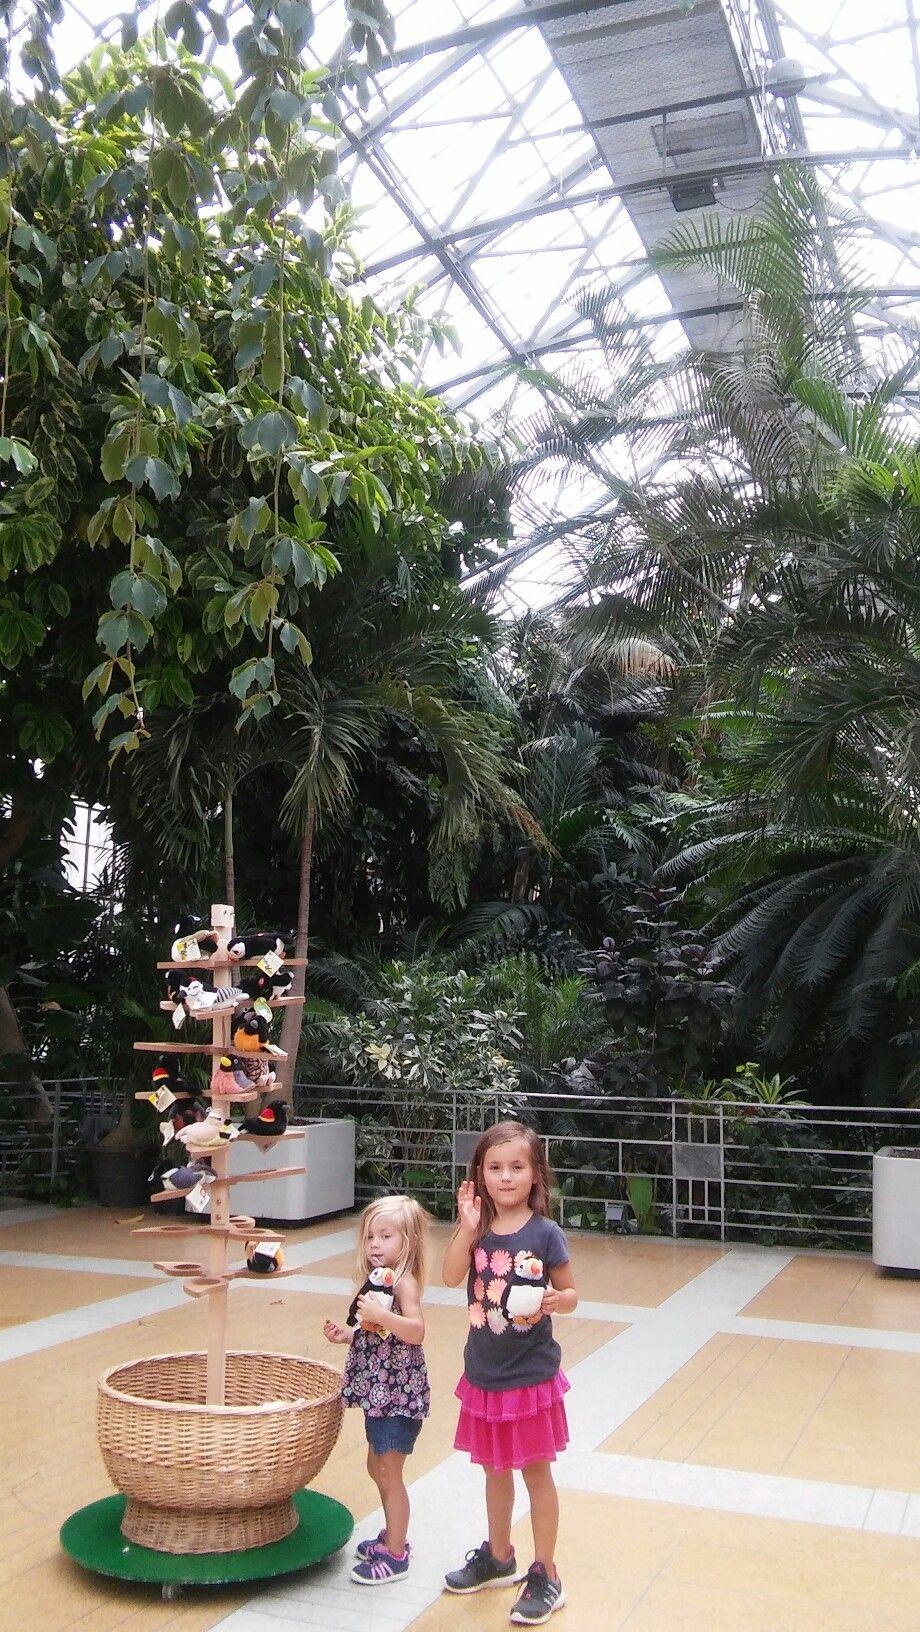 Beautiful Krohn Conservatory. Eden Park, Cincinnati Ohio